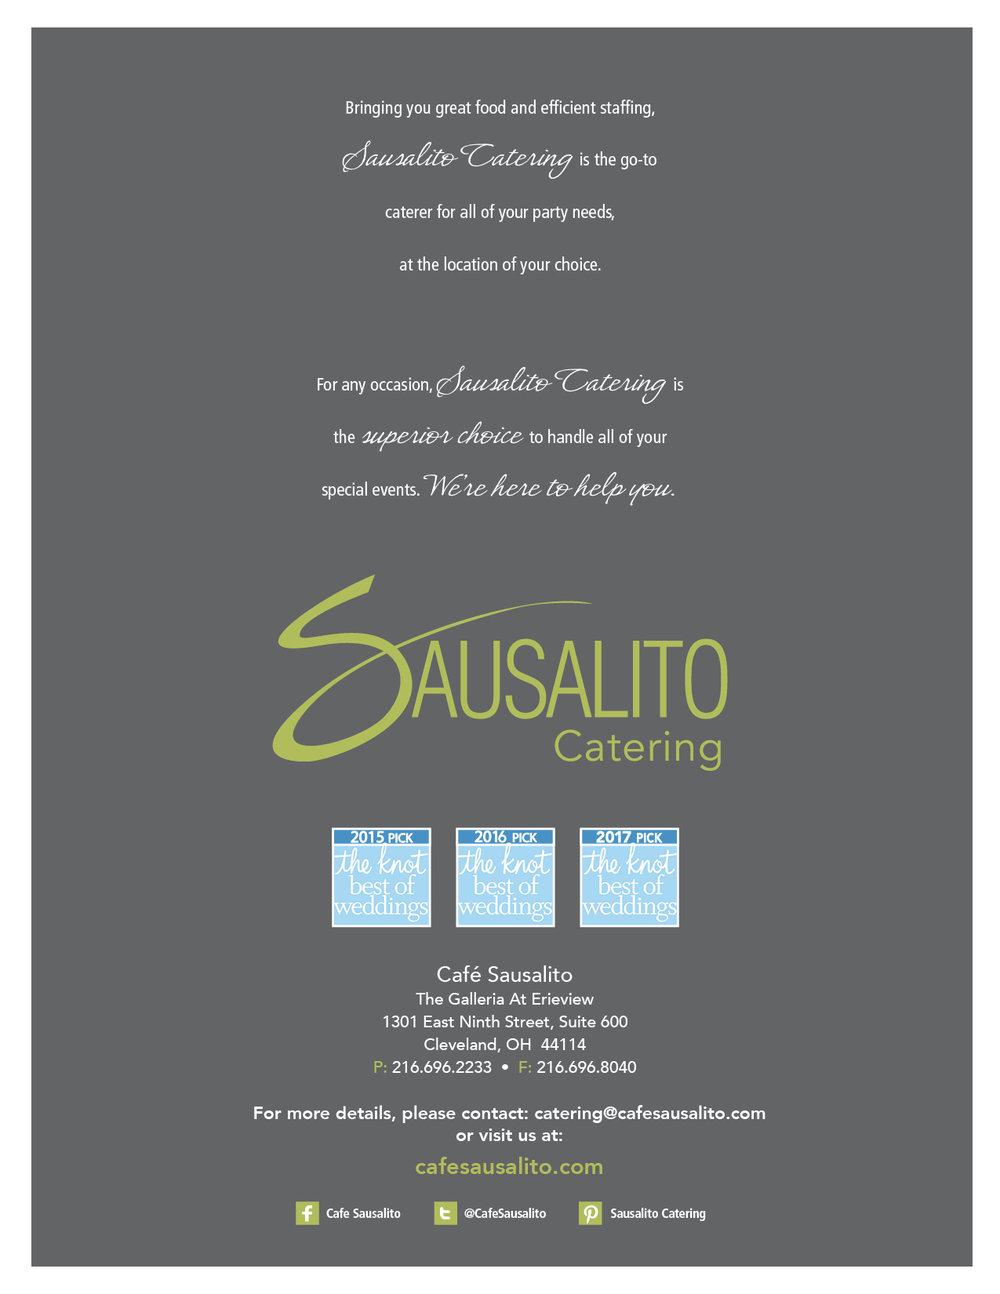 Sausalito_Catering_2017-update8.jpg